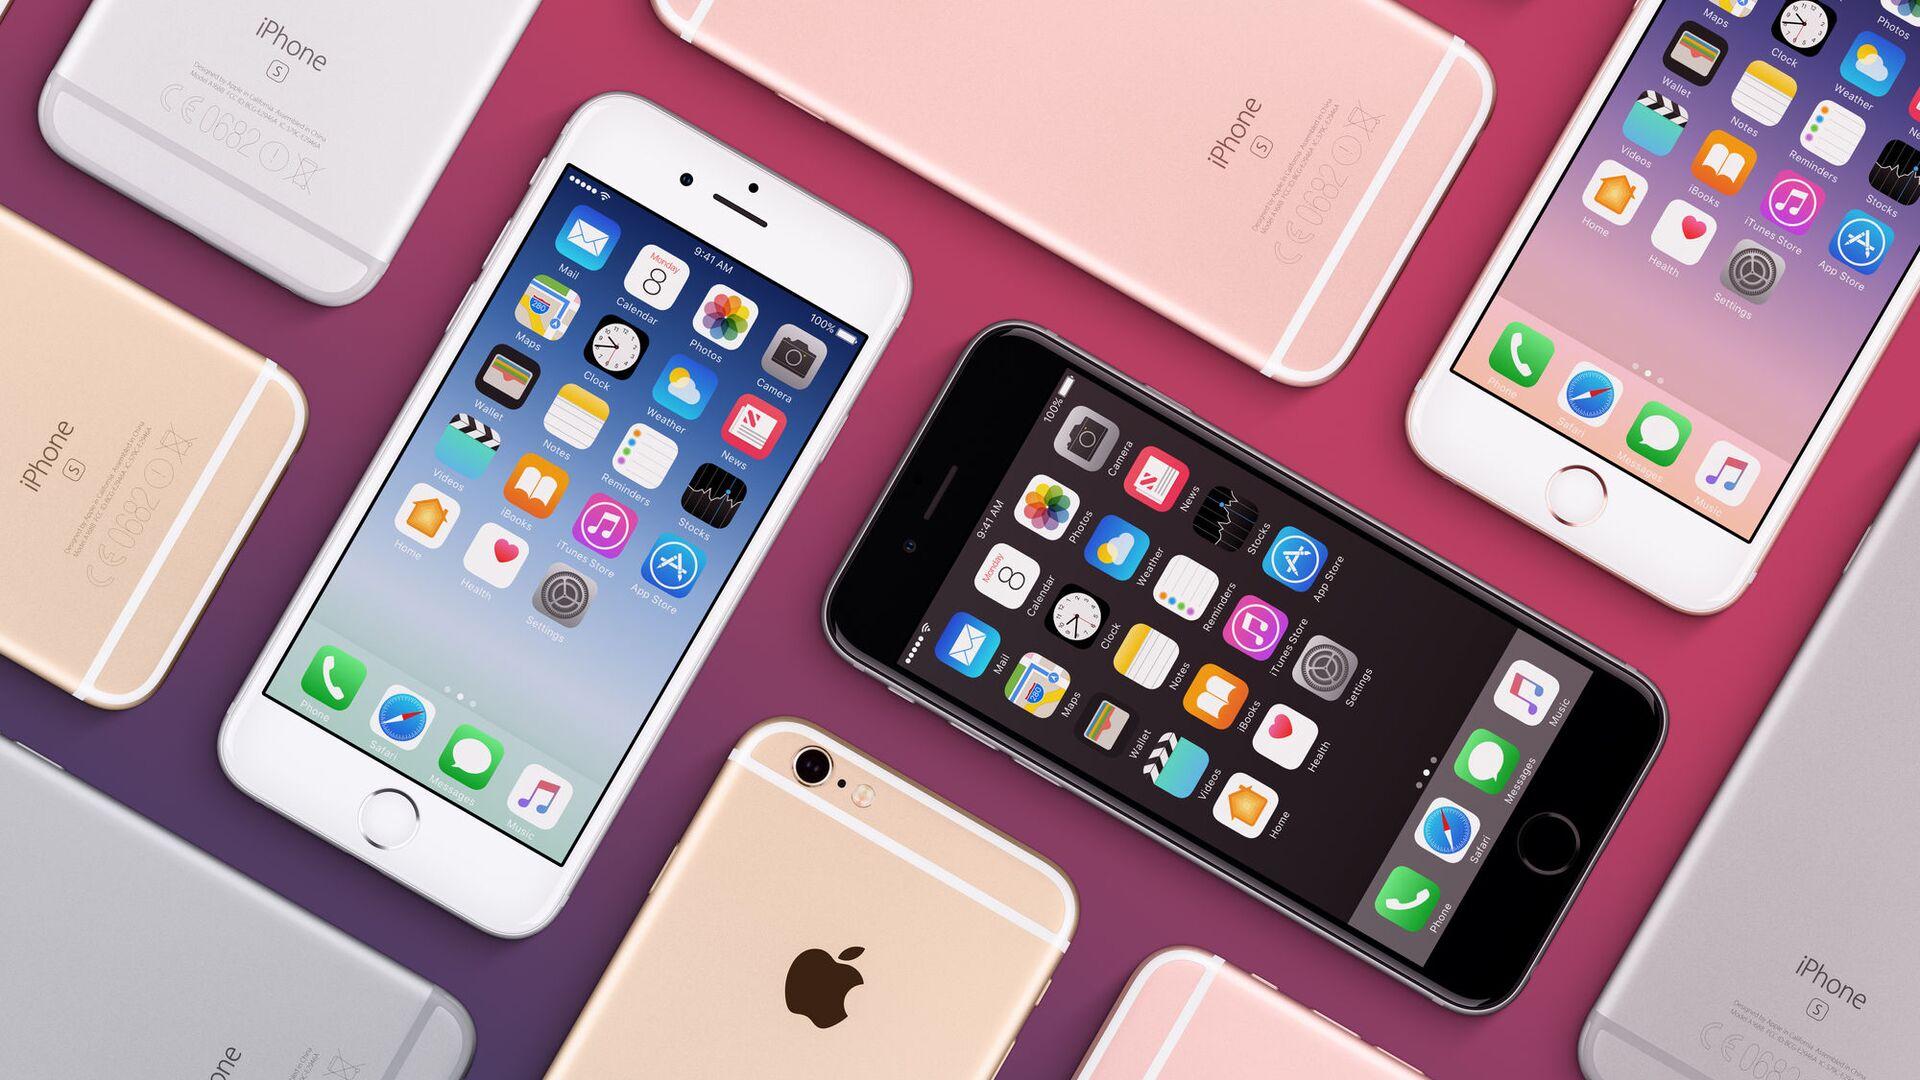 Bộ iPhone 6s các màu khác nhau của Apple - Sputnik Việt Nam, 1920, 13.10.2021